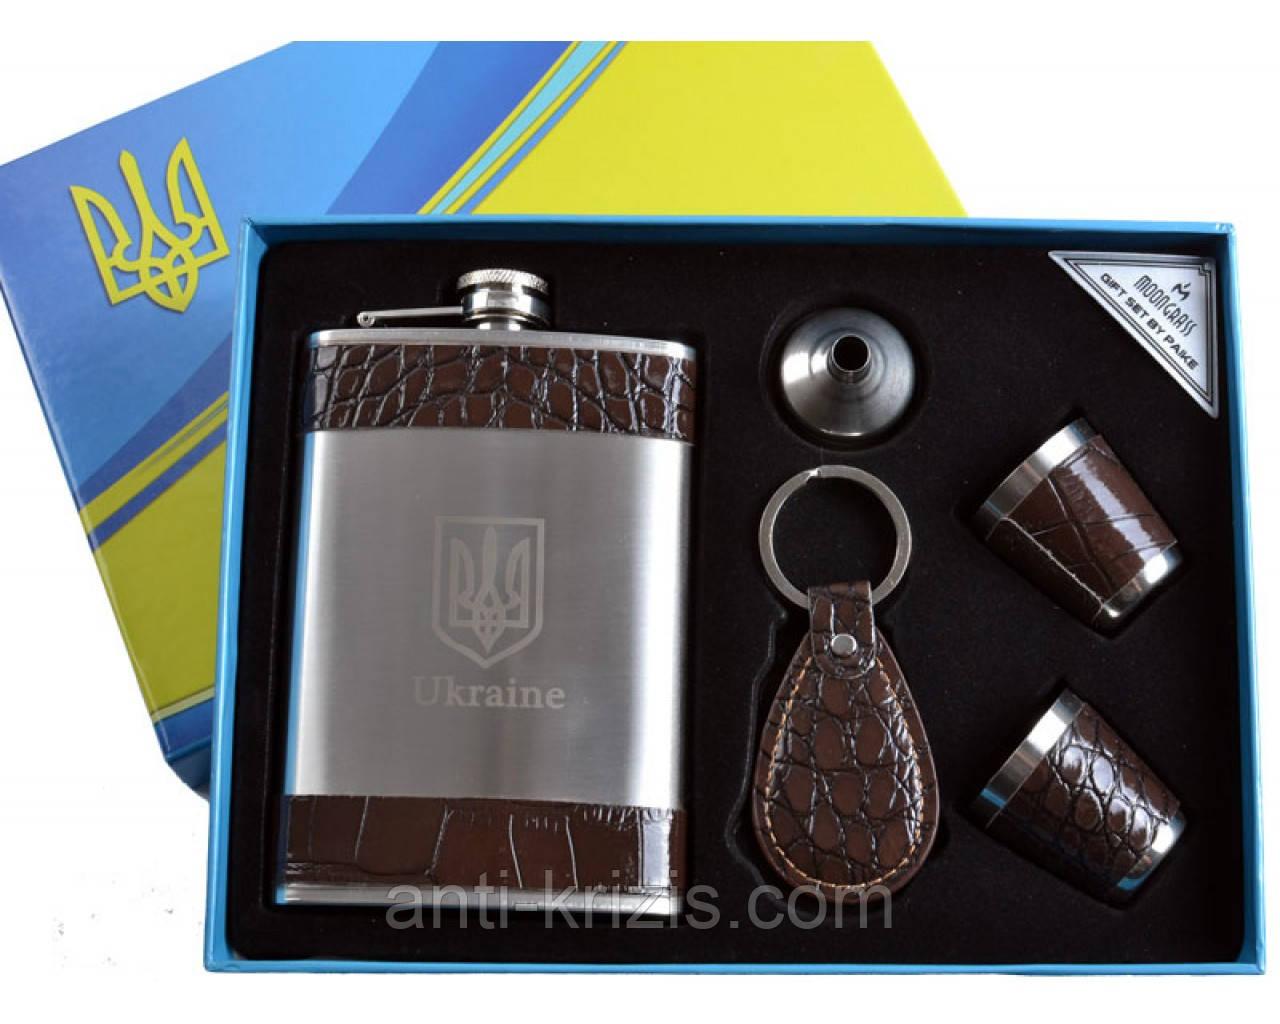 Подарочный набор с Украинской символикой Moongrass 5в1 Фляга, Брелок, Рюмки, Лейка AL-002